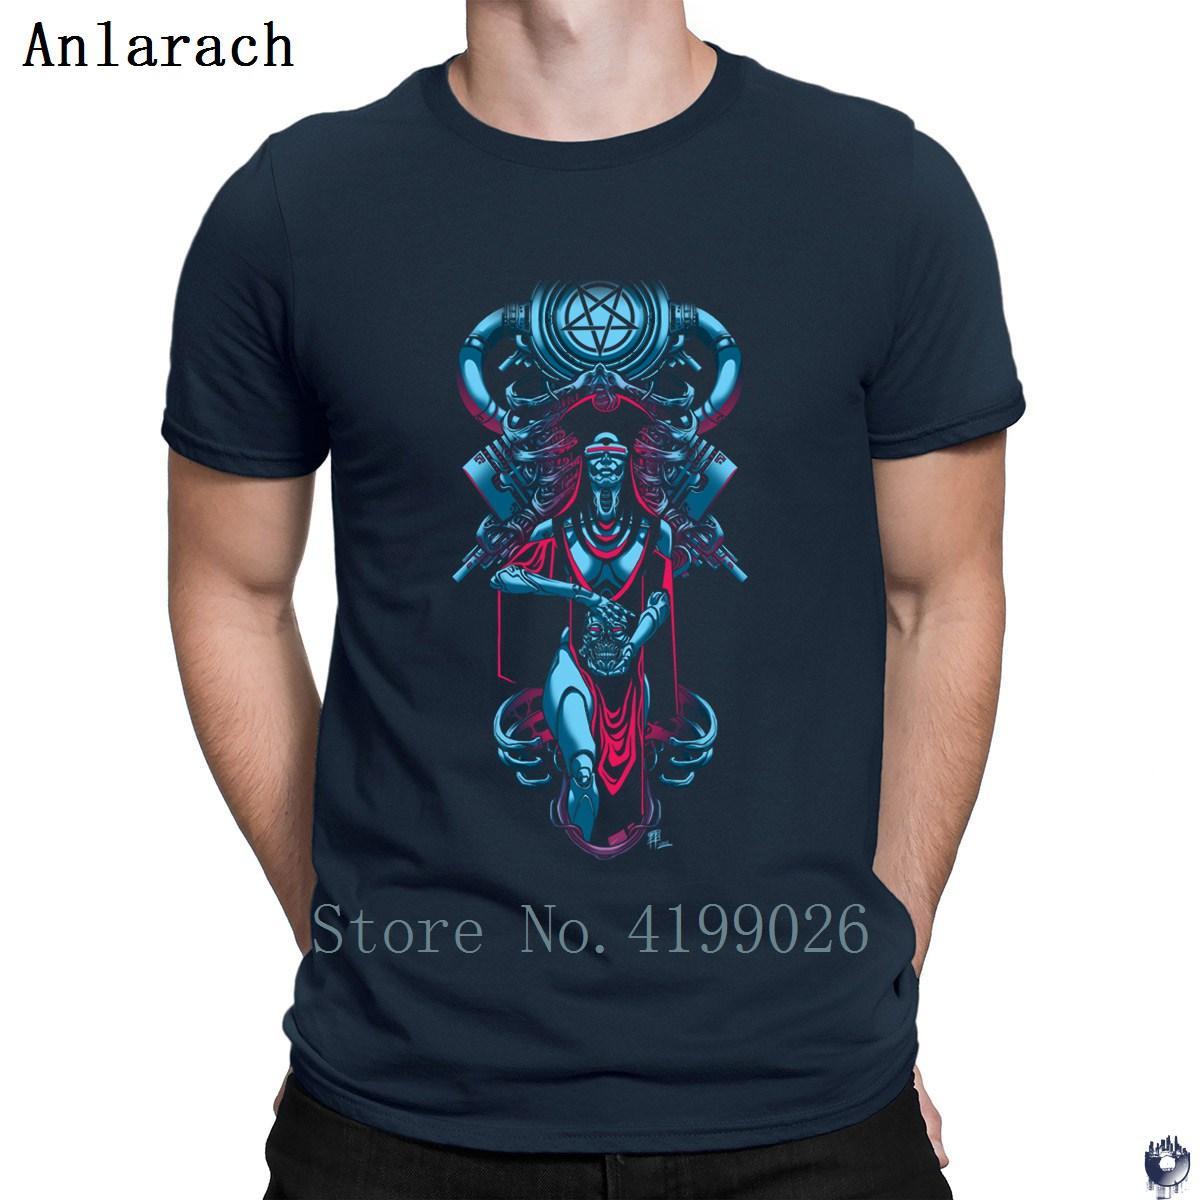 Die Wissenschaft des Teufels T-Shirt Weinlese-flippiges Kostüm Sonnenlicht Männer-T-Shirt T-Tops Humor Euro-Größe S-3XL erstellen